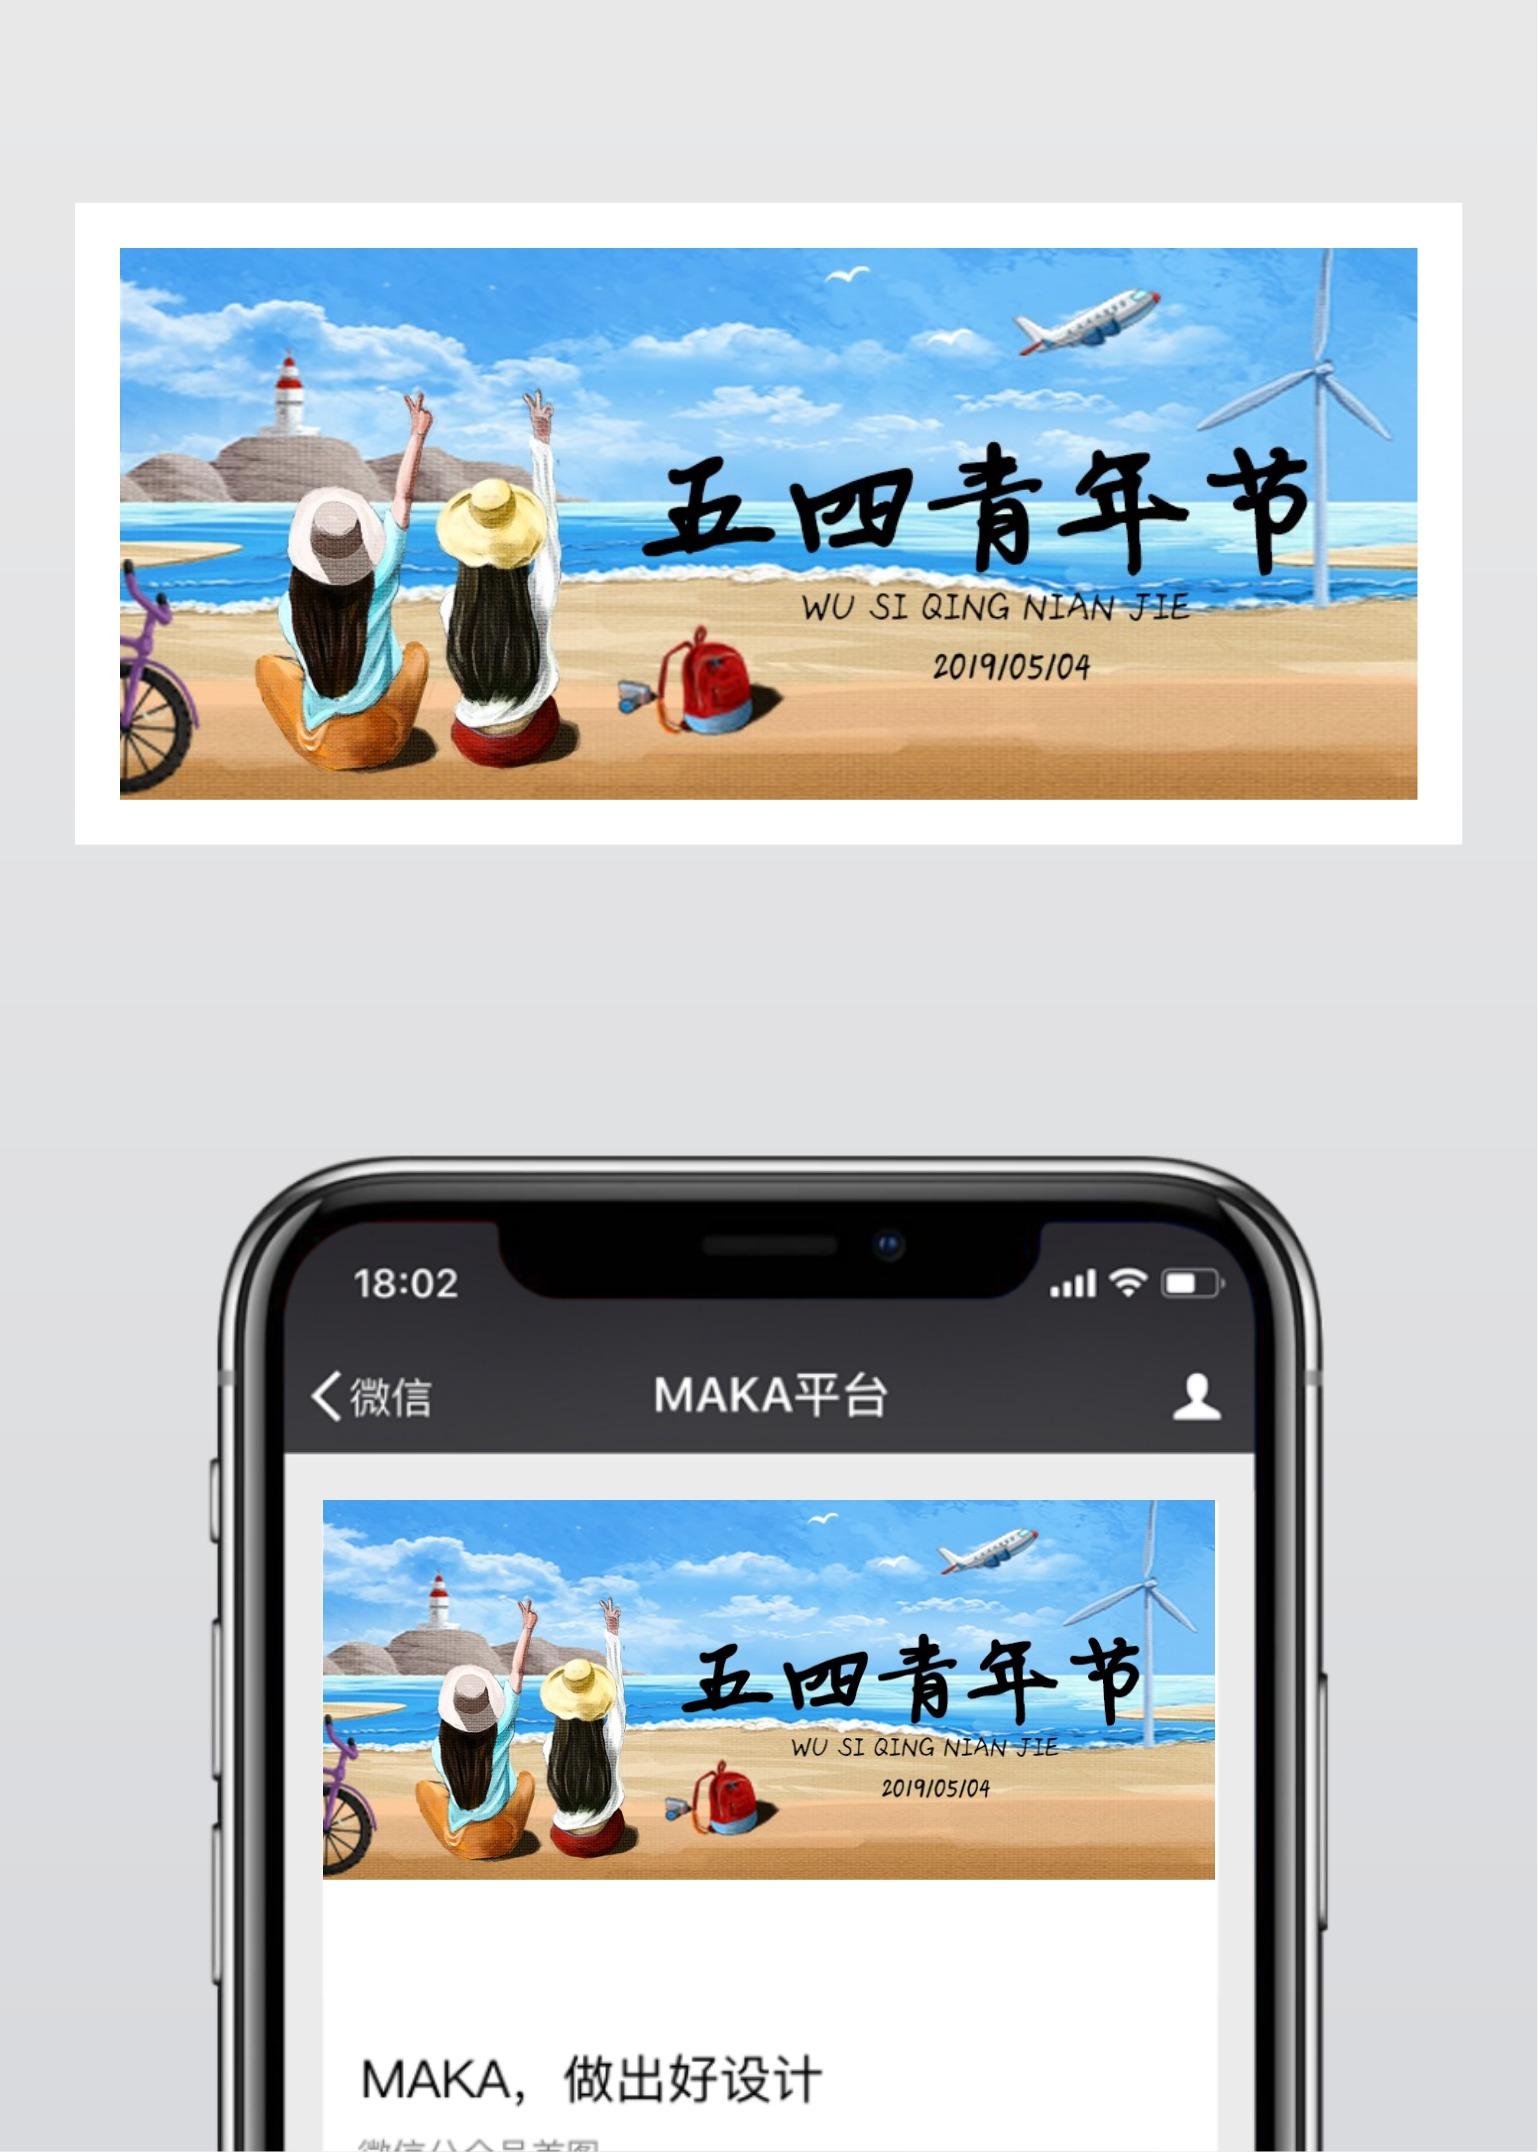 文艺清新海边54五四青年节公众号头条